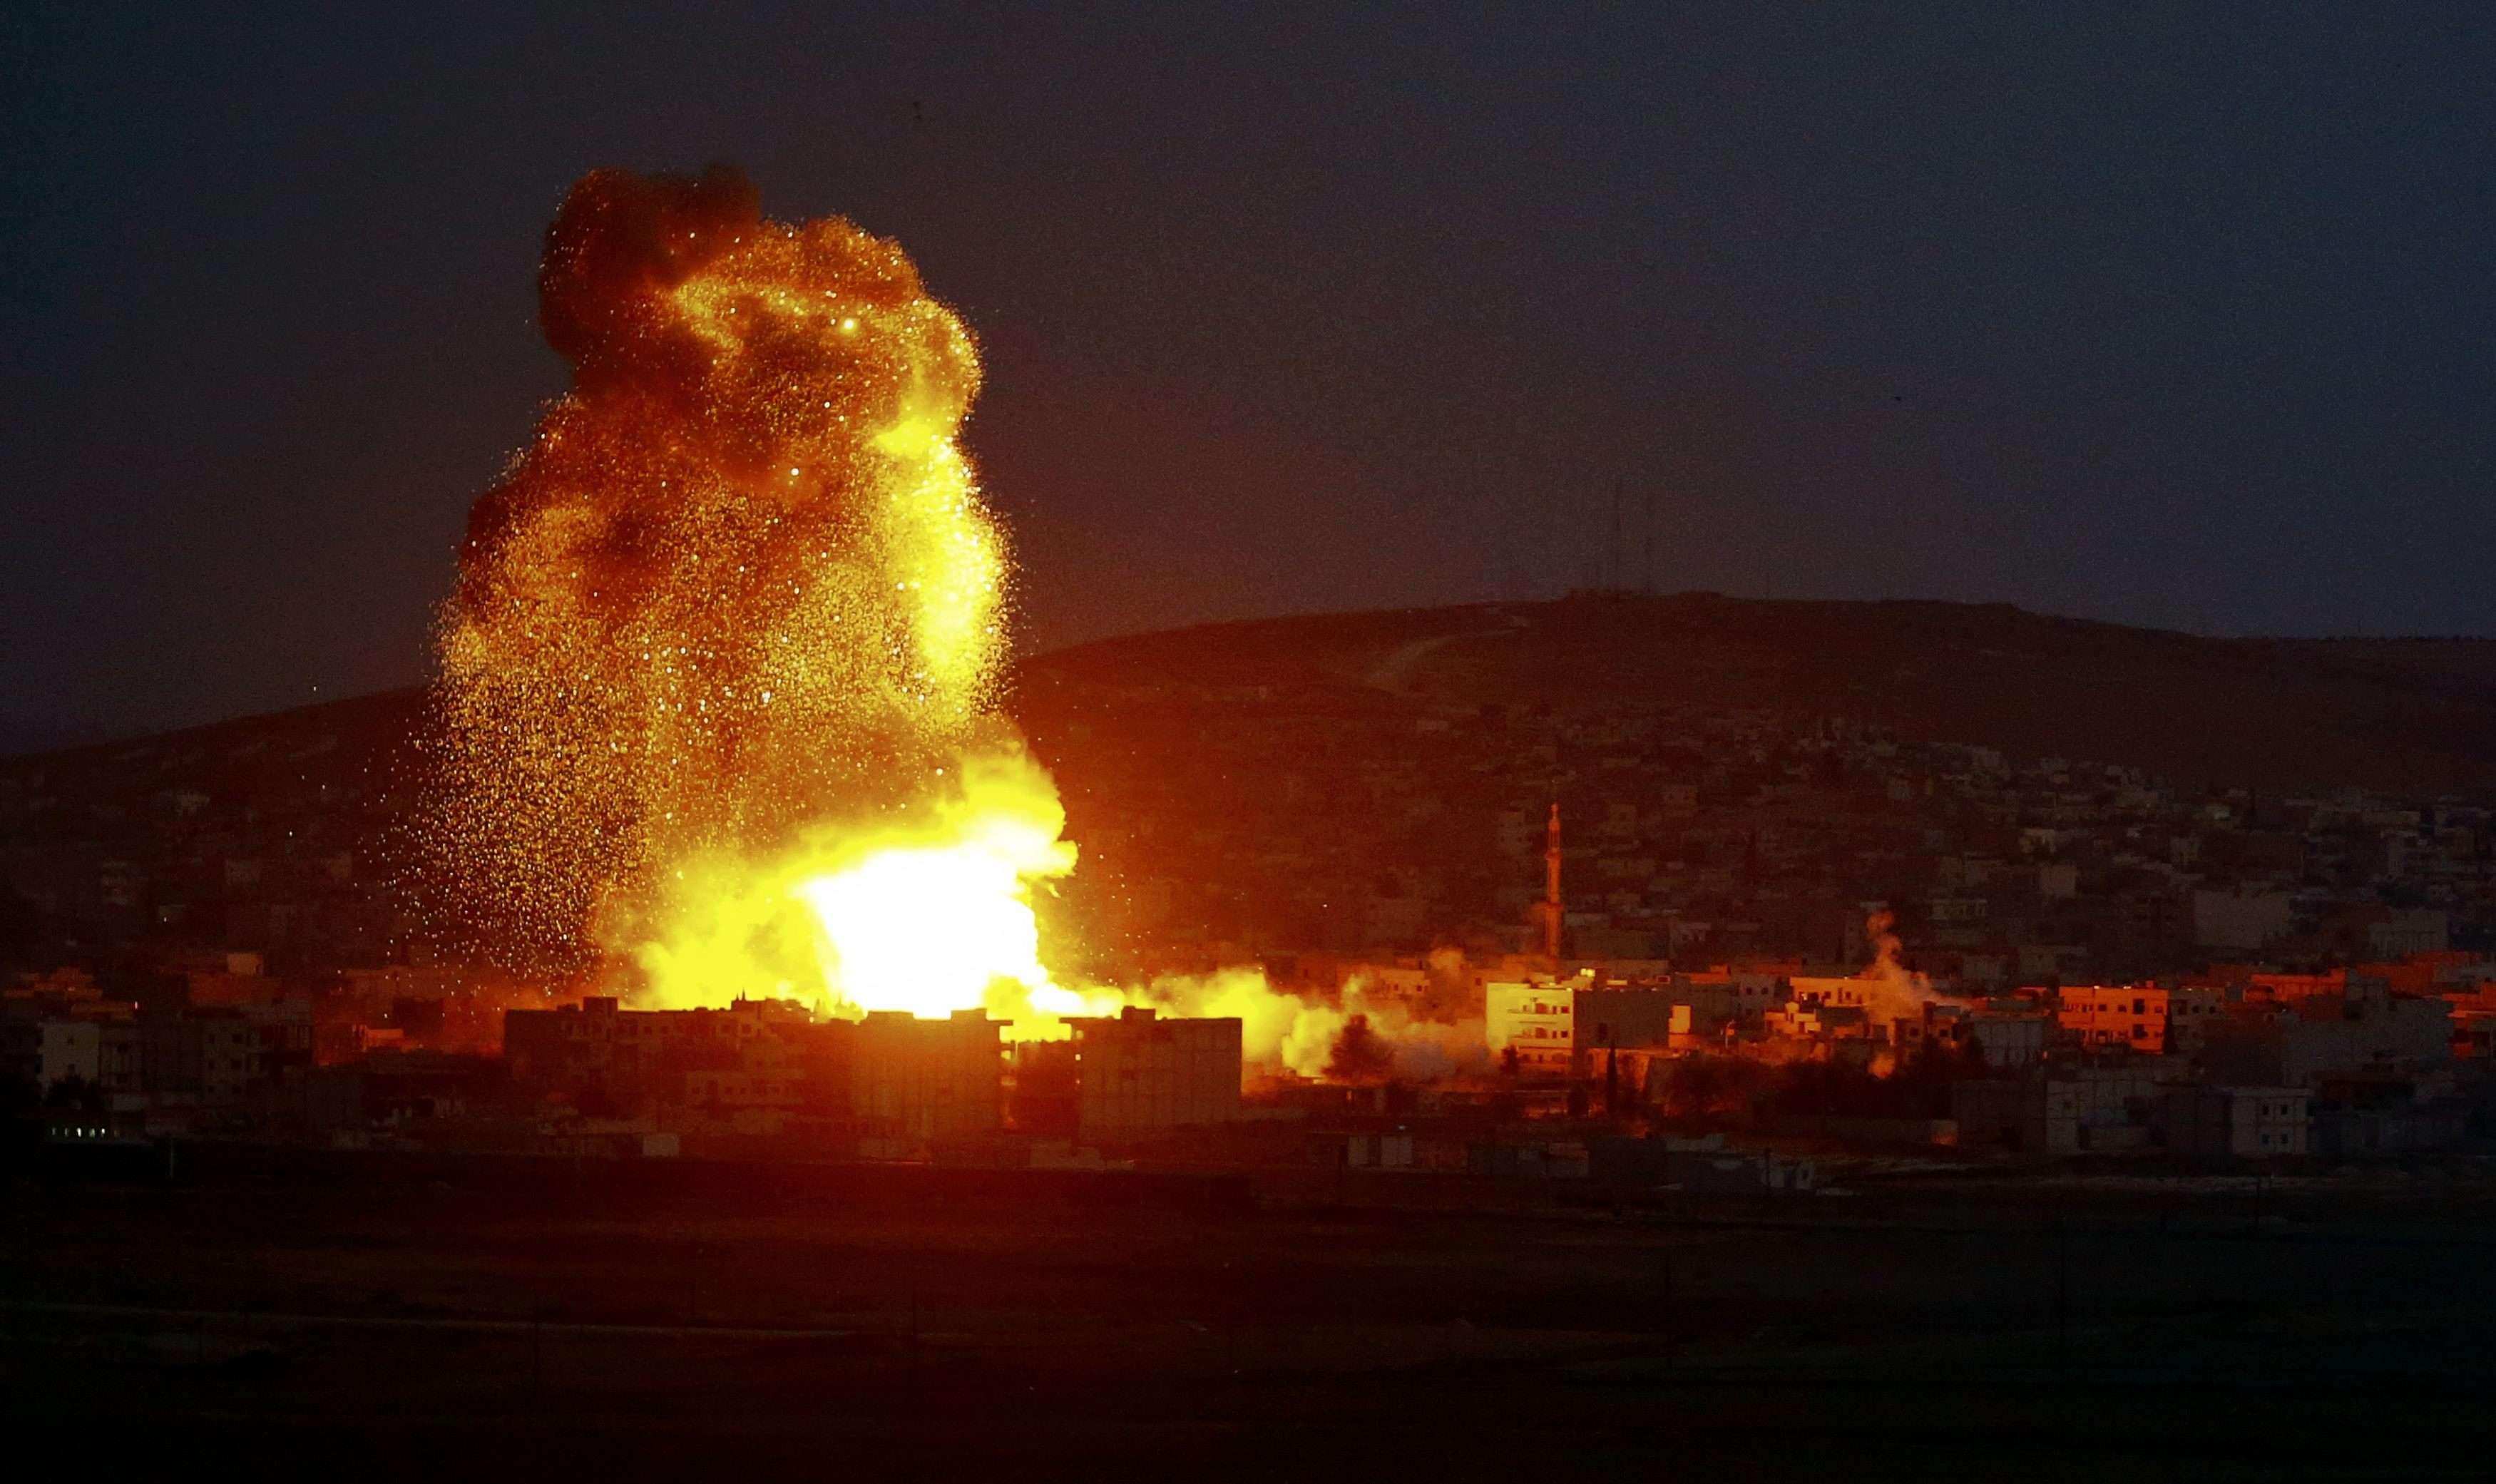 Os bombardeios da coalizão já fizeram mais de 500 mortos em um mês Foto: Kai Pfaffenbach/Reuters